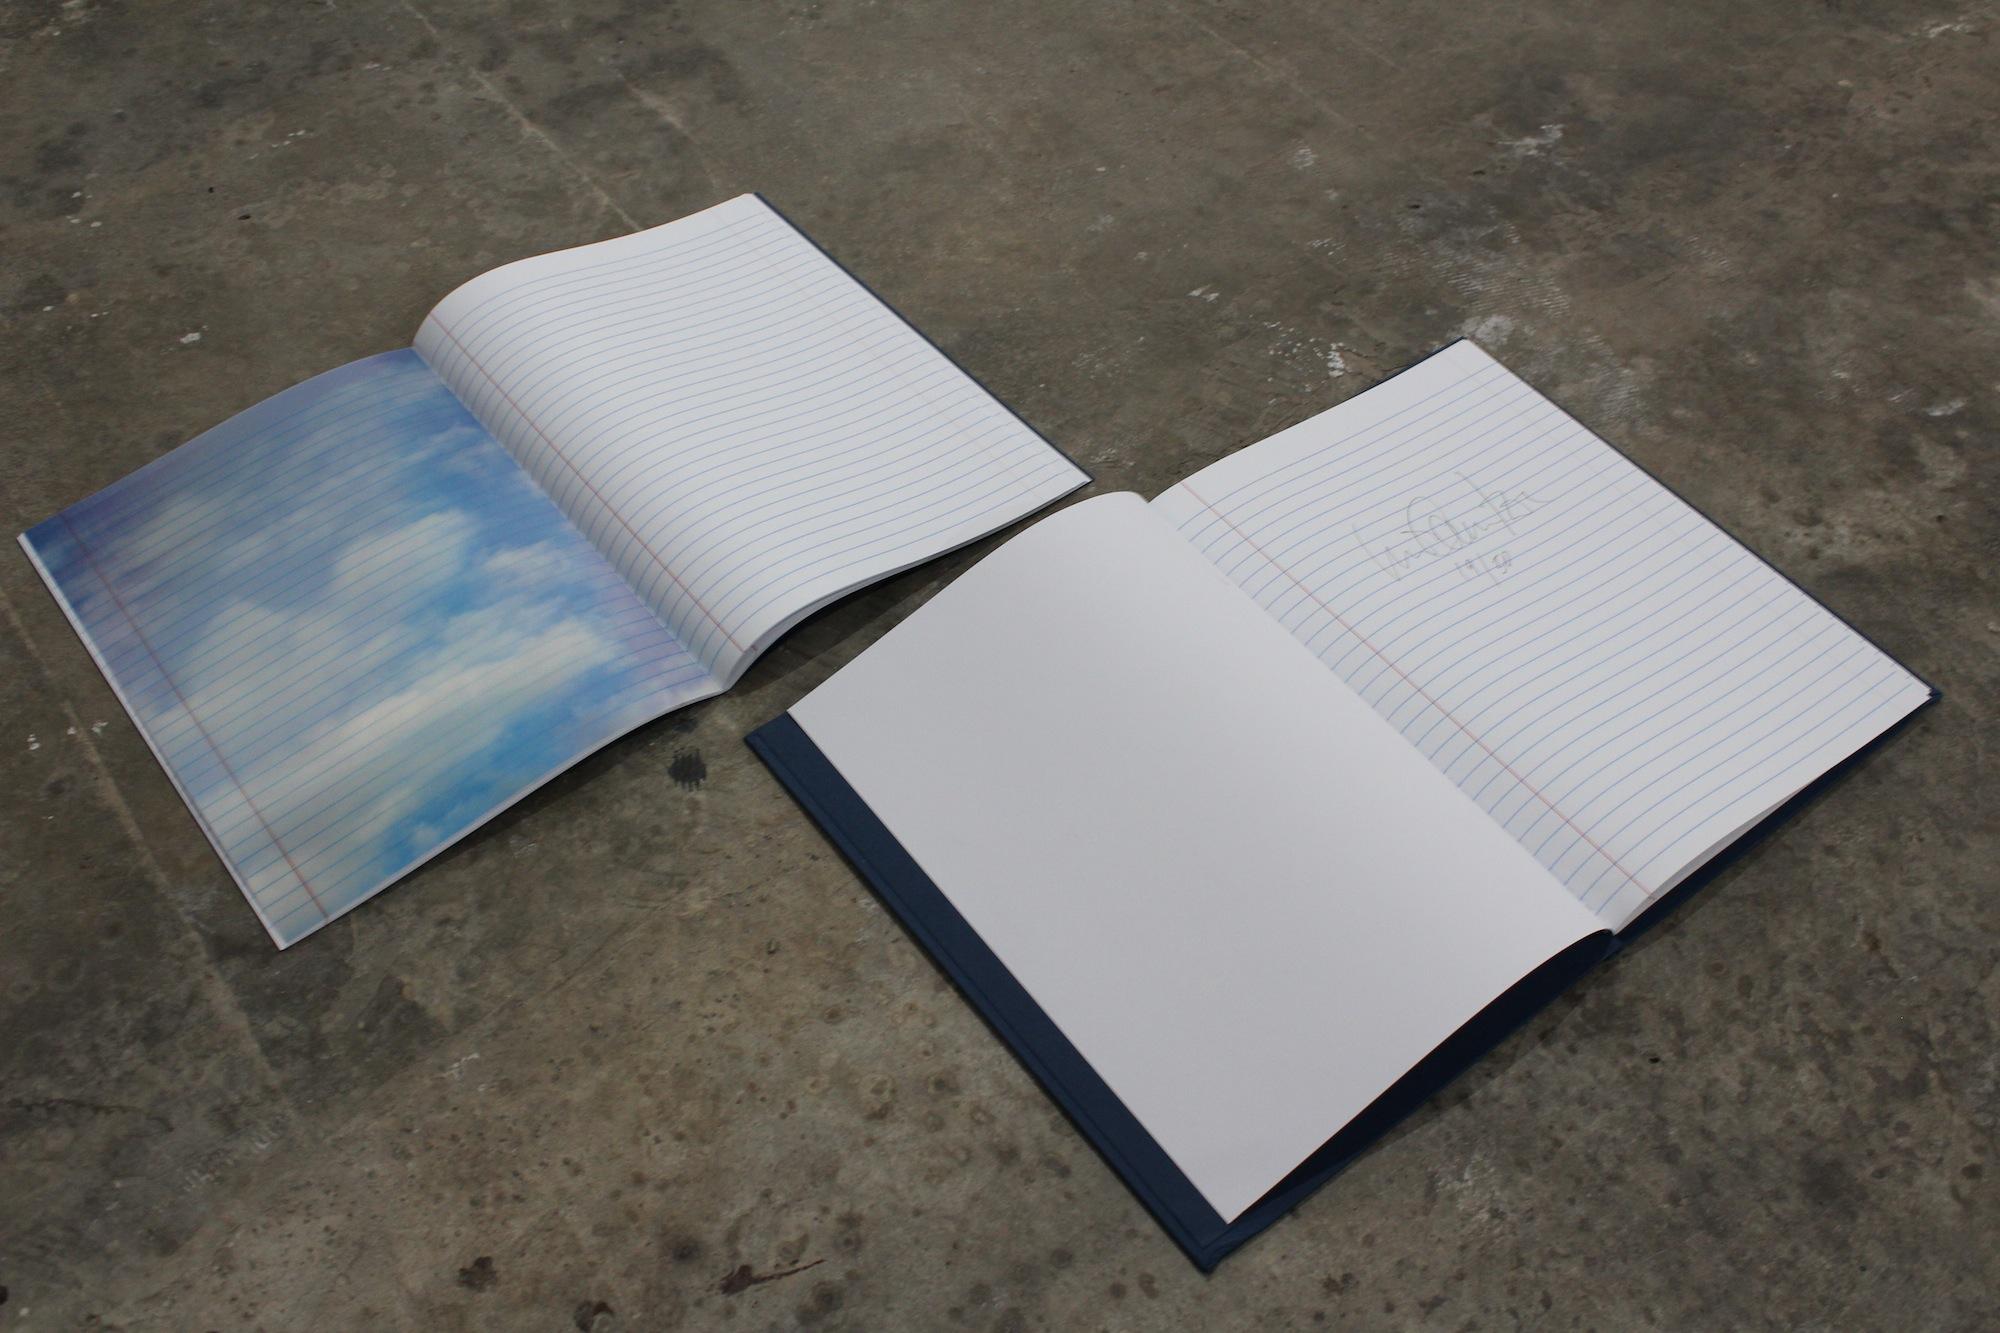 Anotações (2015) - Luis Camnitzer